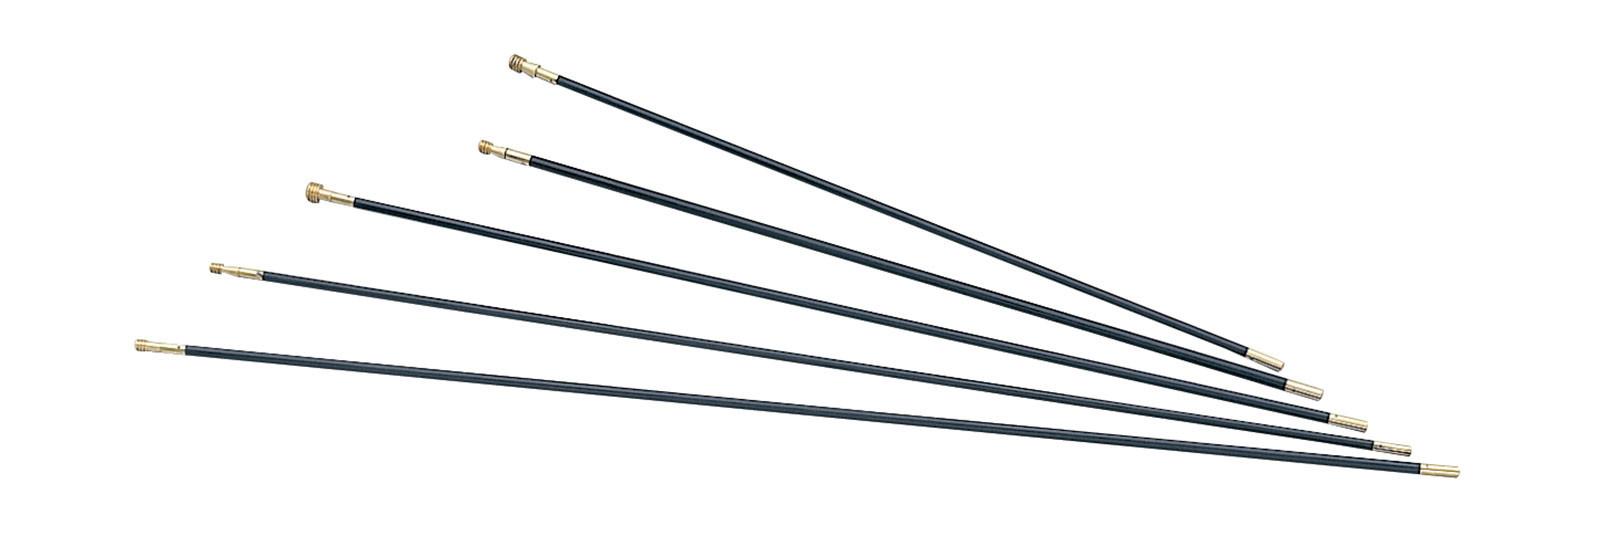 Bacchetta in fibra per armi ad avancarica 8x980 mm